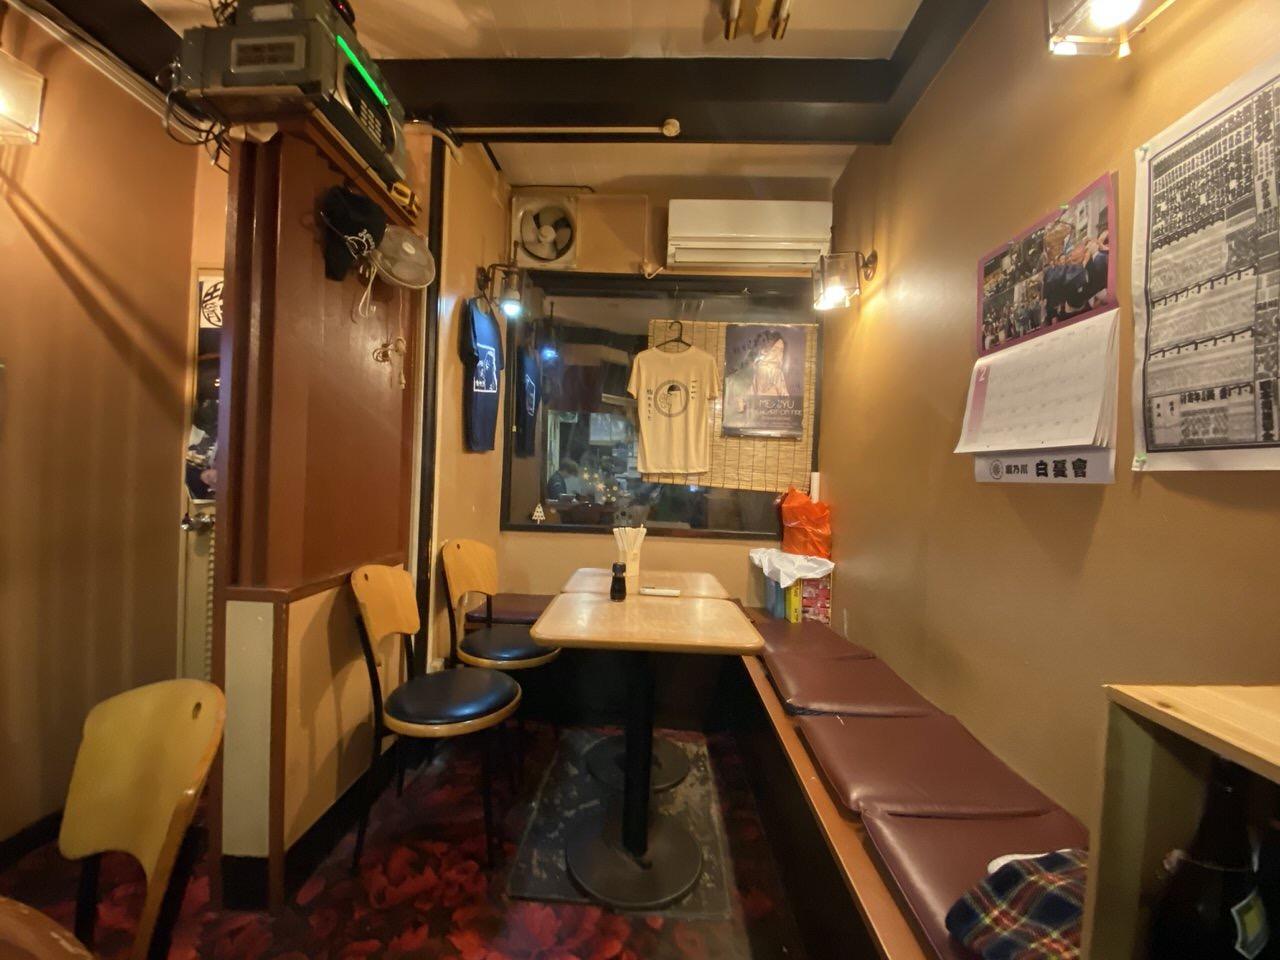 「ほりかご」居酒屋(板橋)2 店内